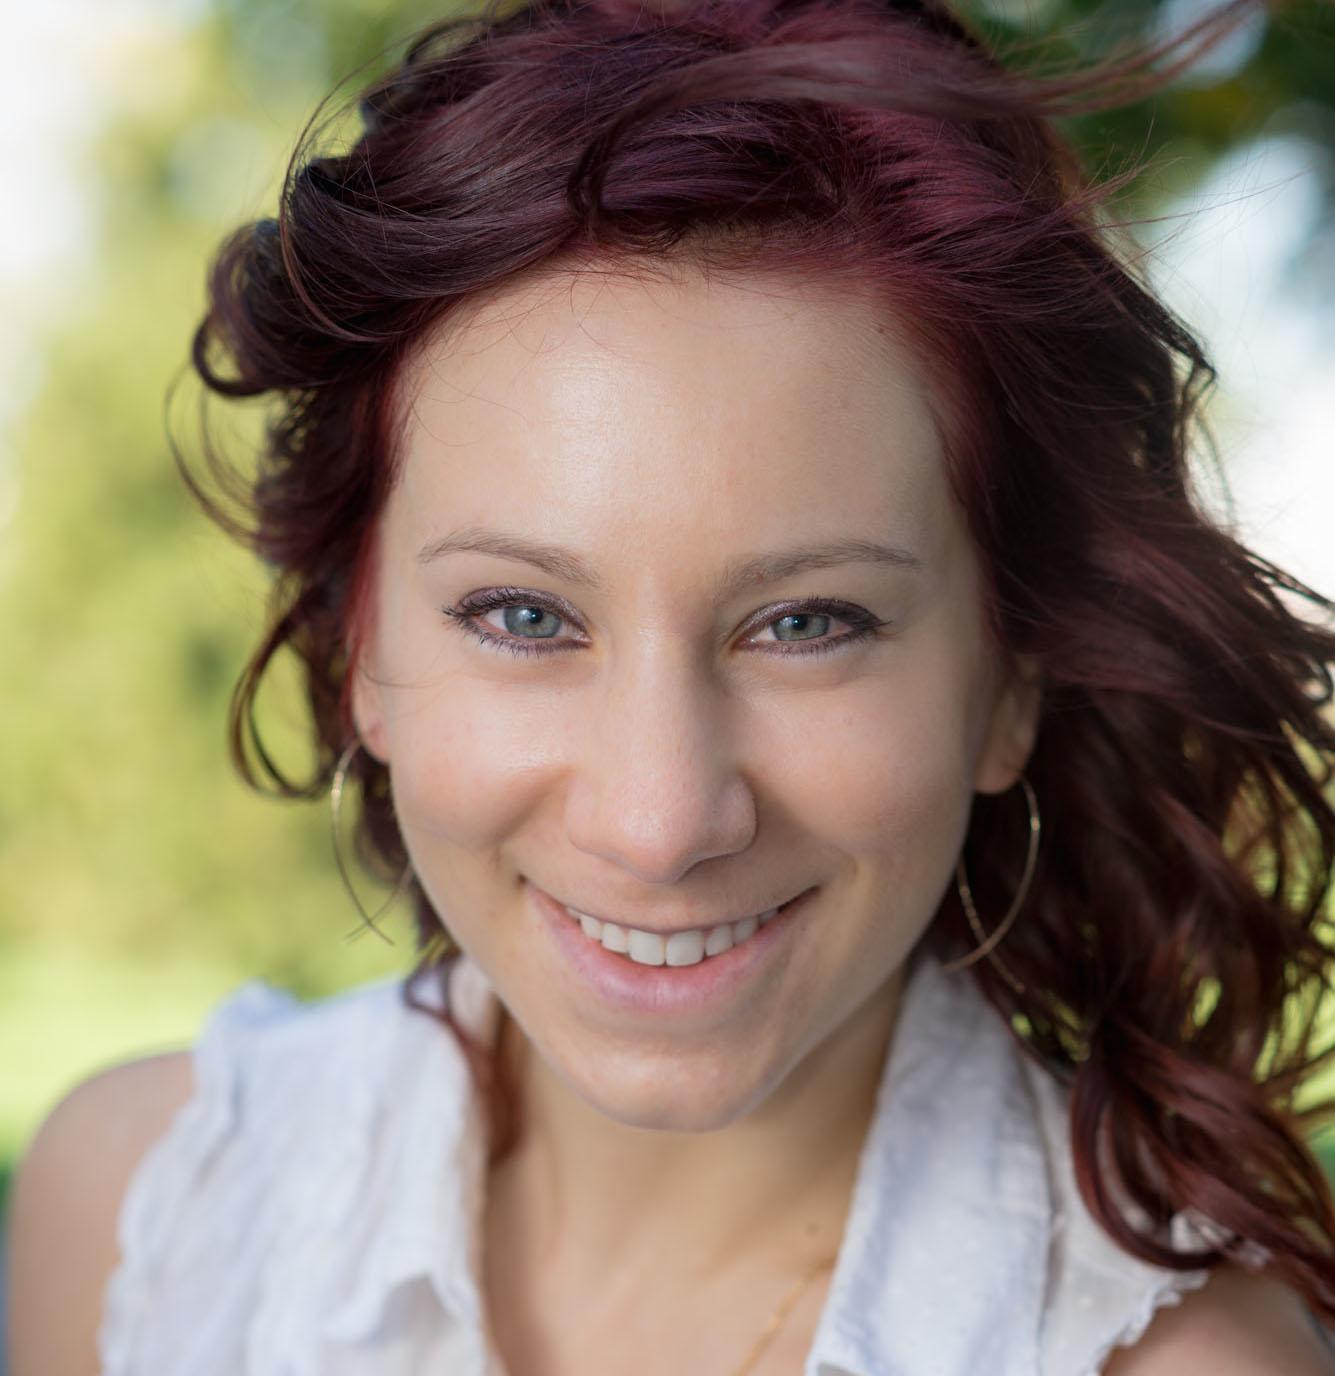 Katie Stehura